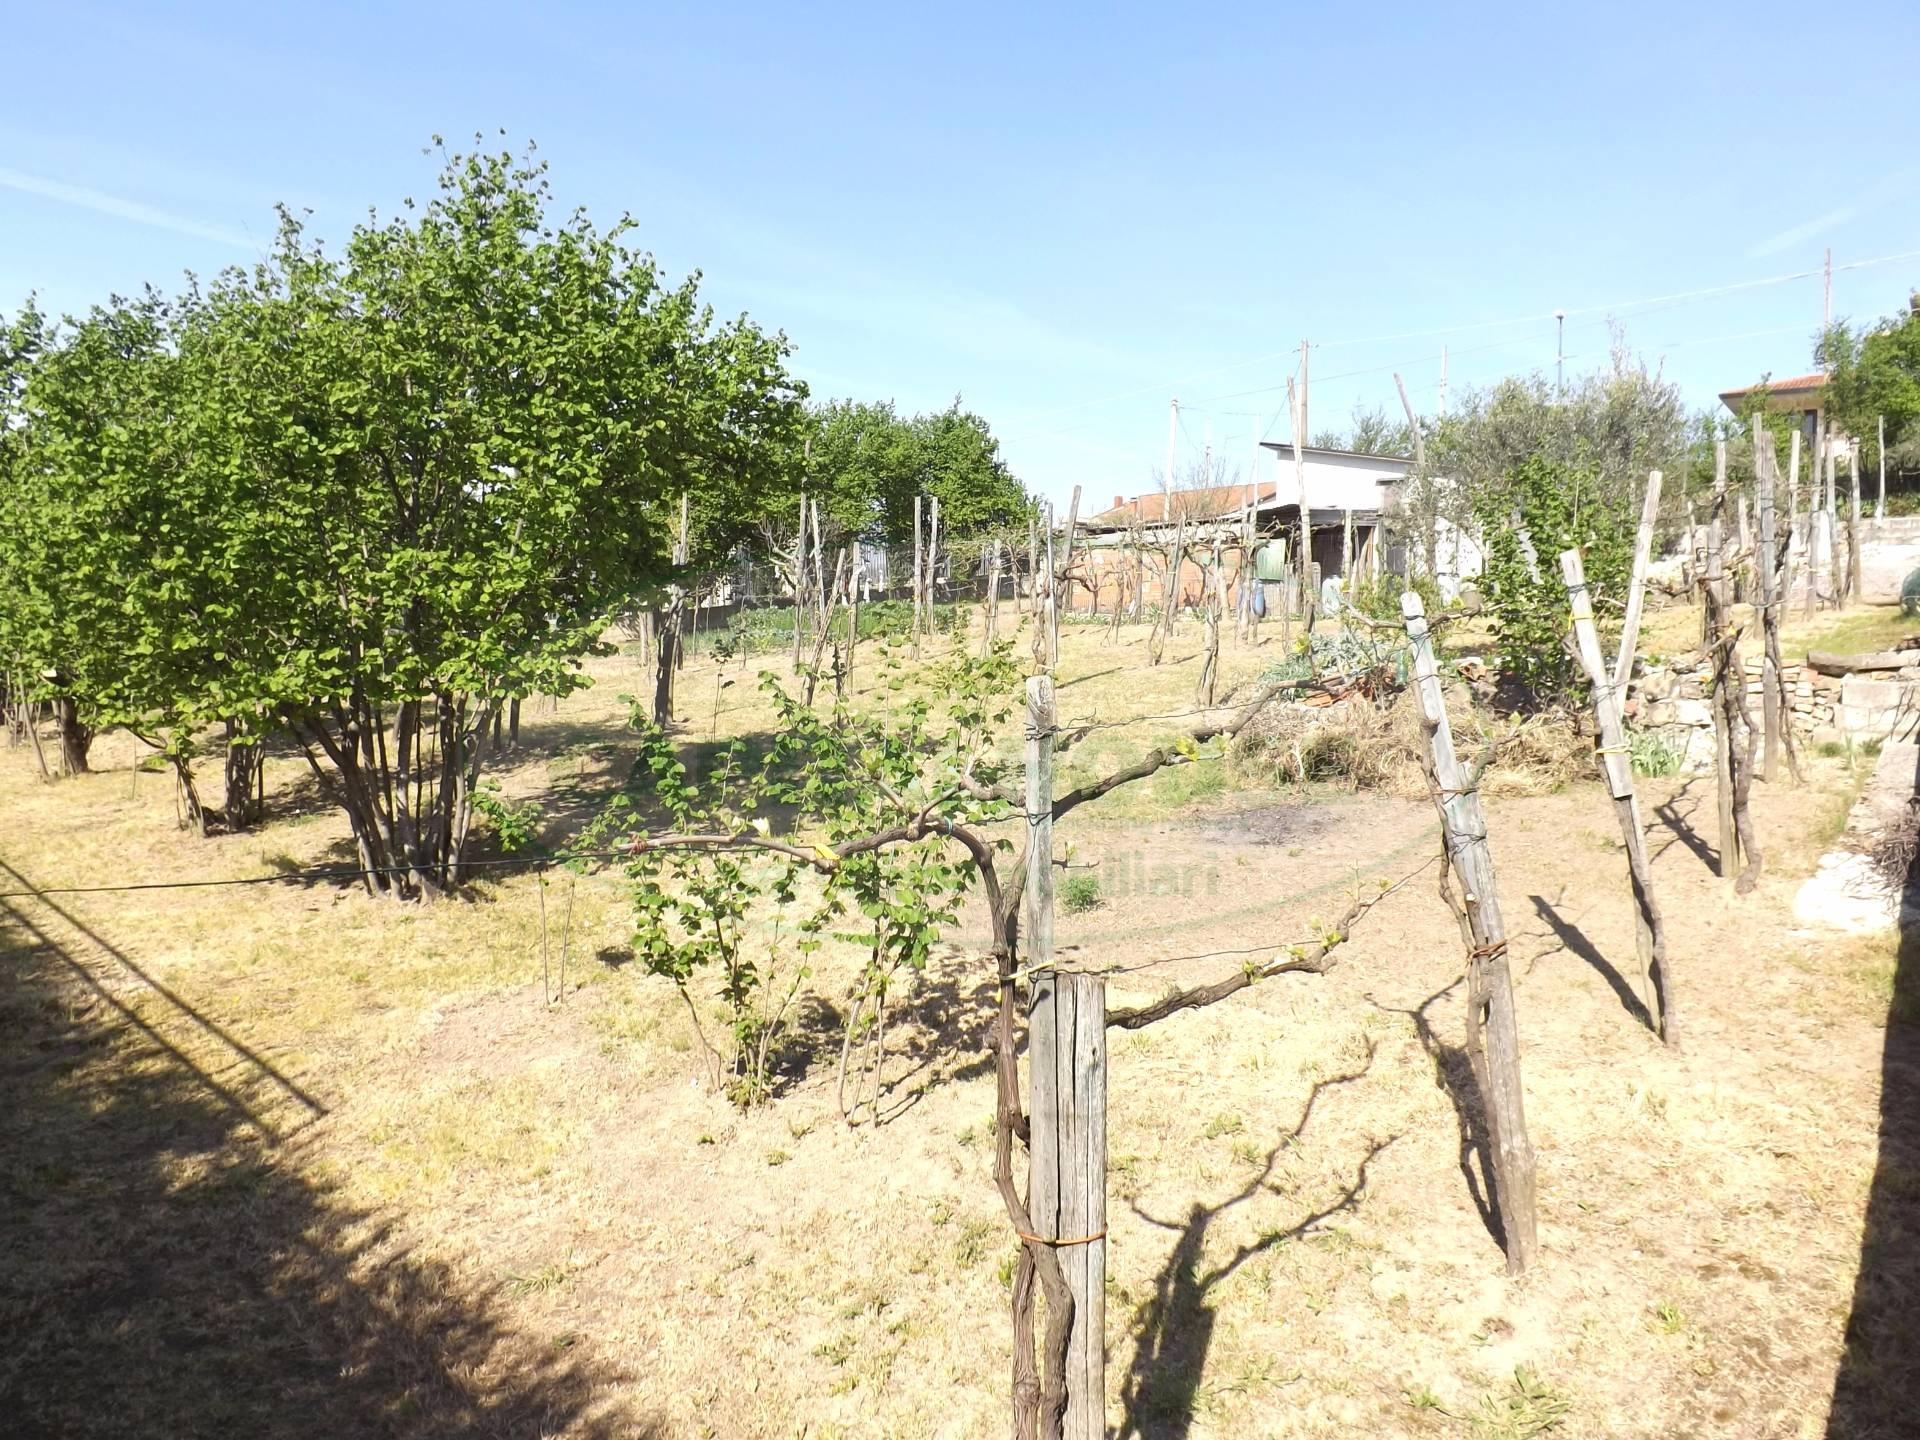 Terreno Agricolo in vendita a Manocalzati, 9999 locali, prezzo € 15.000 | Cambio Casa.it